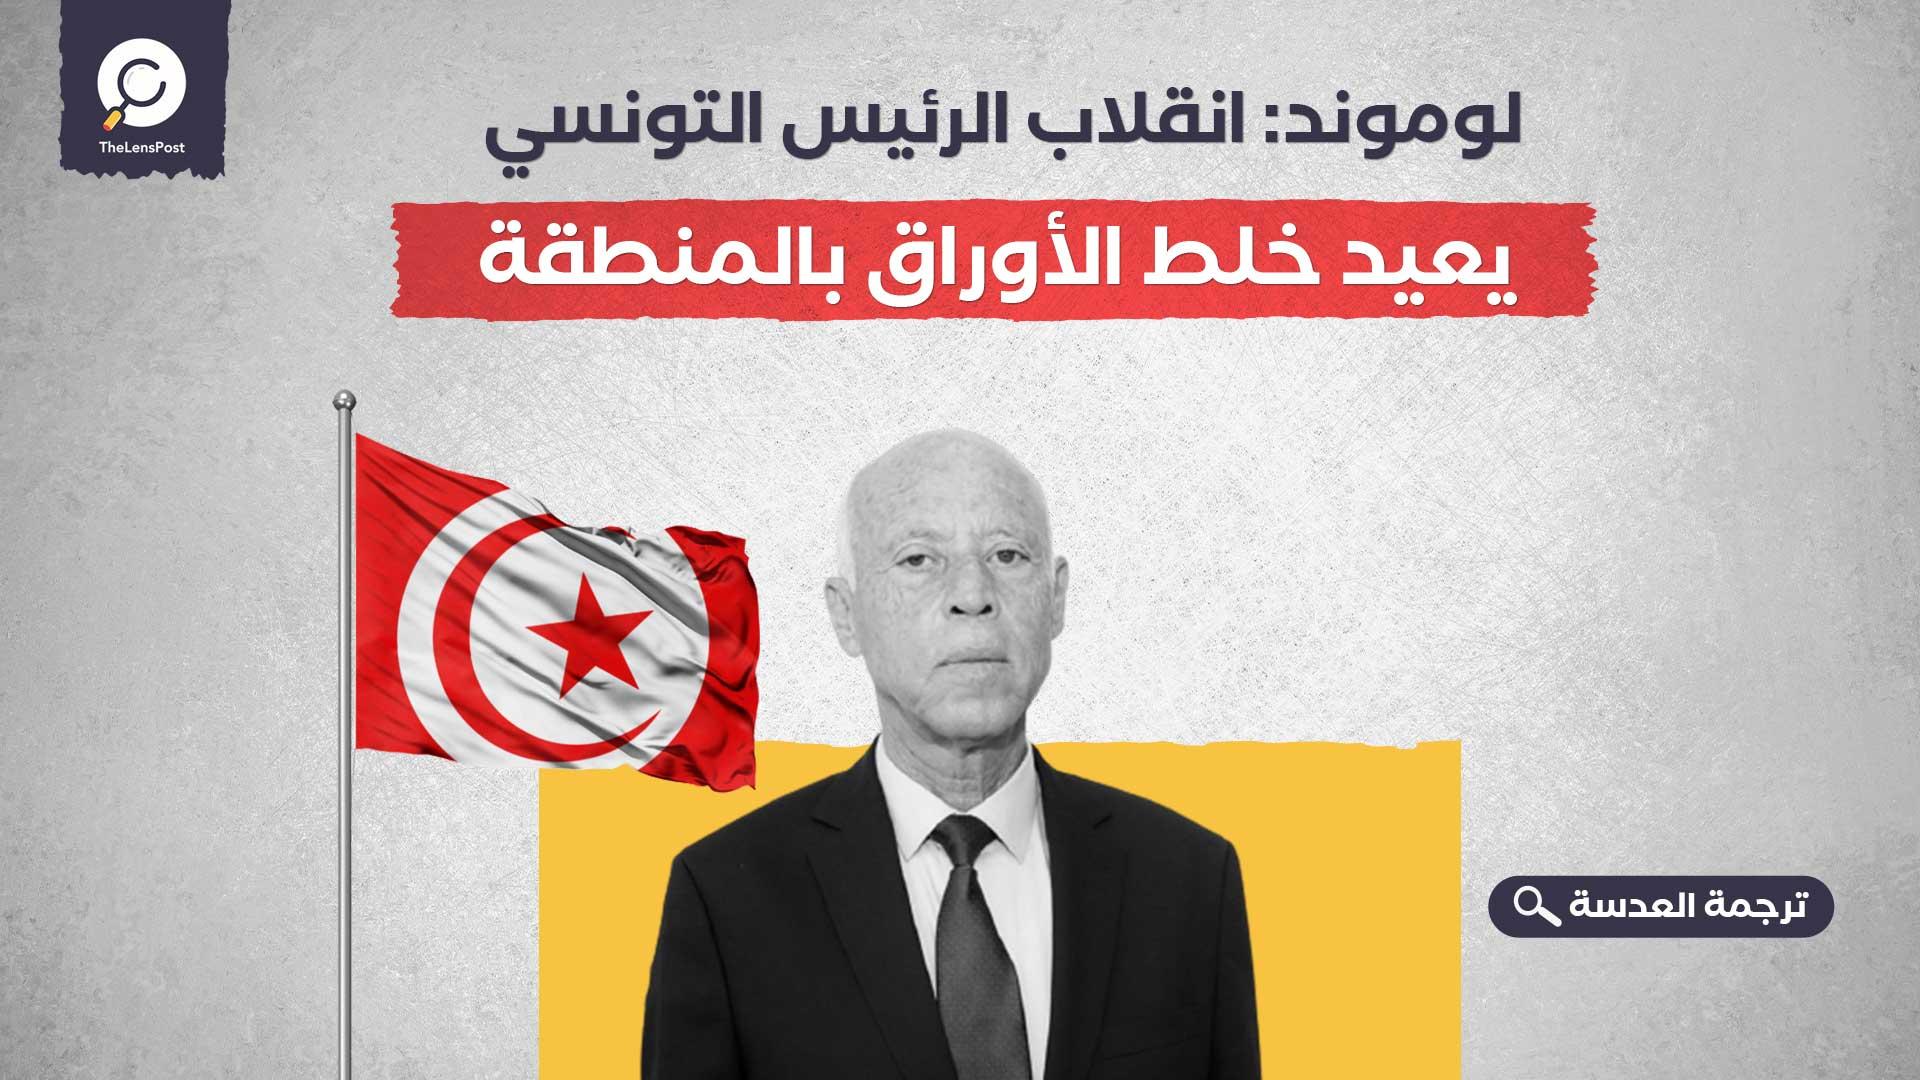 لوموند: انقلاب الرئيس التونسي يعيد خلط الأوراق بالمنطقة